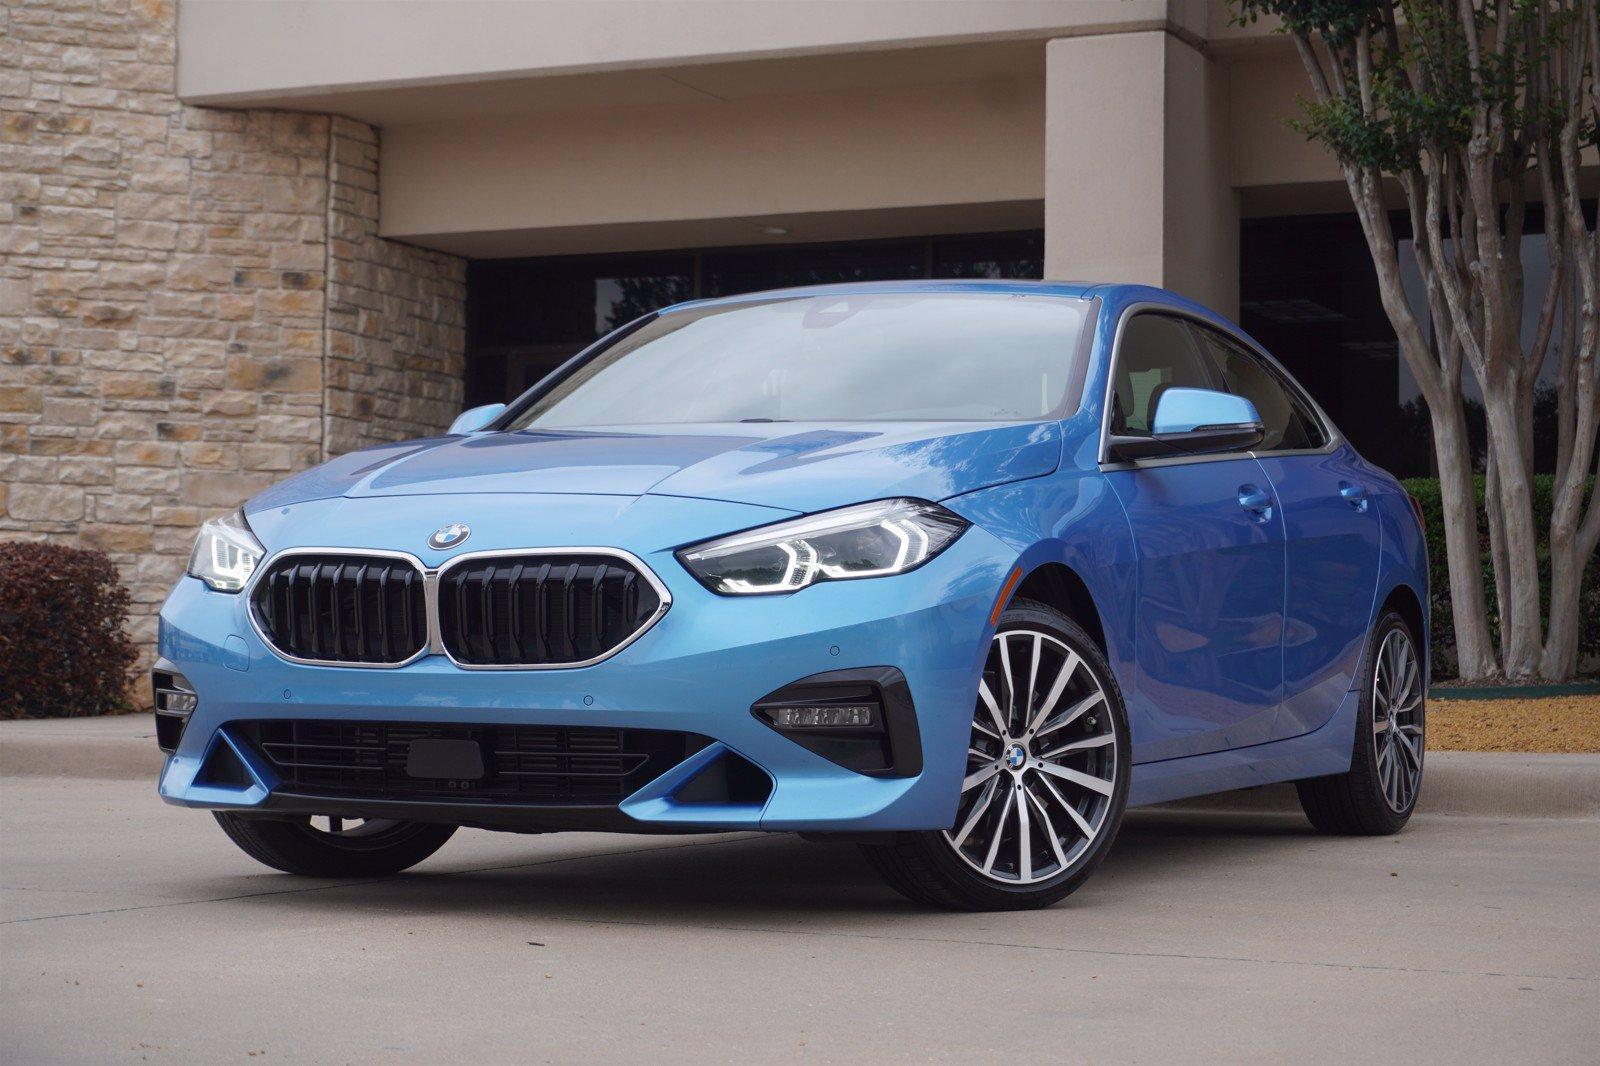 2021 BMW 228i xDrive Vehicle Photo in Grapevine, TX 76051